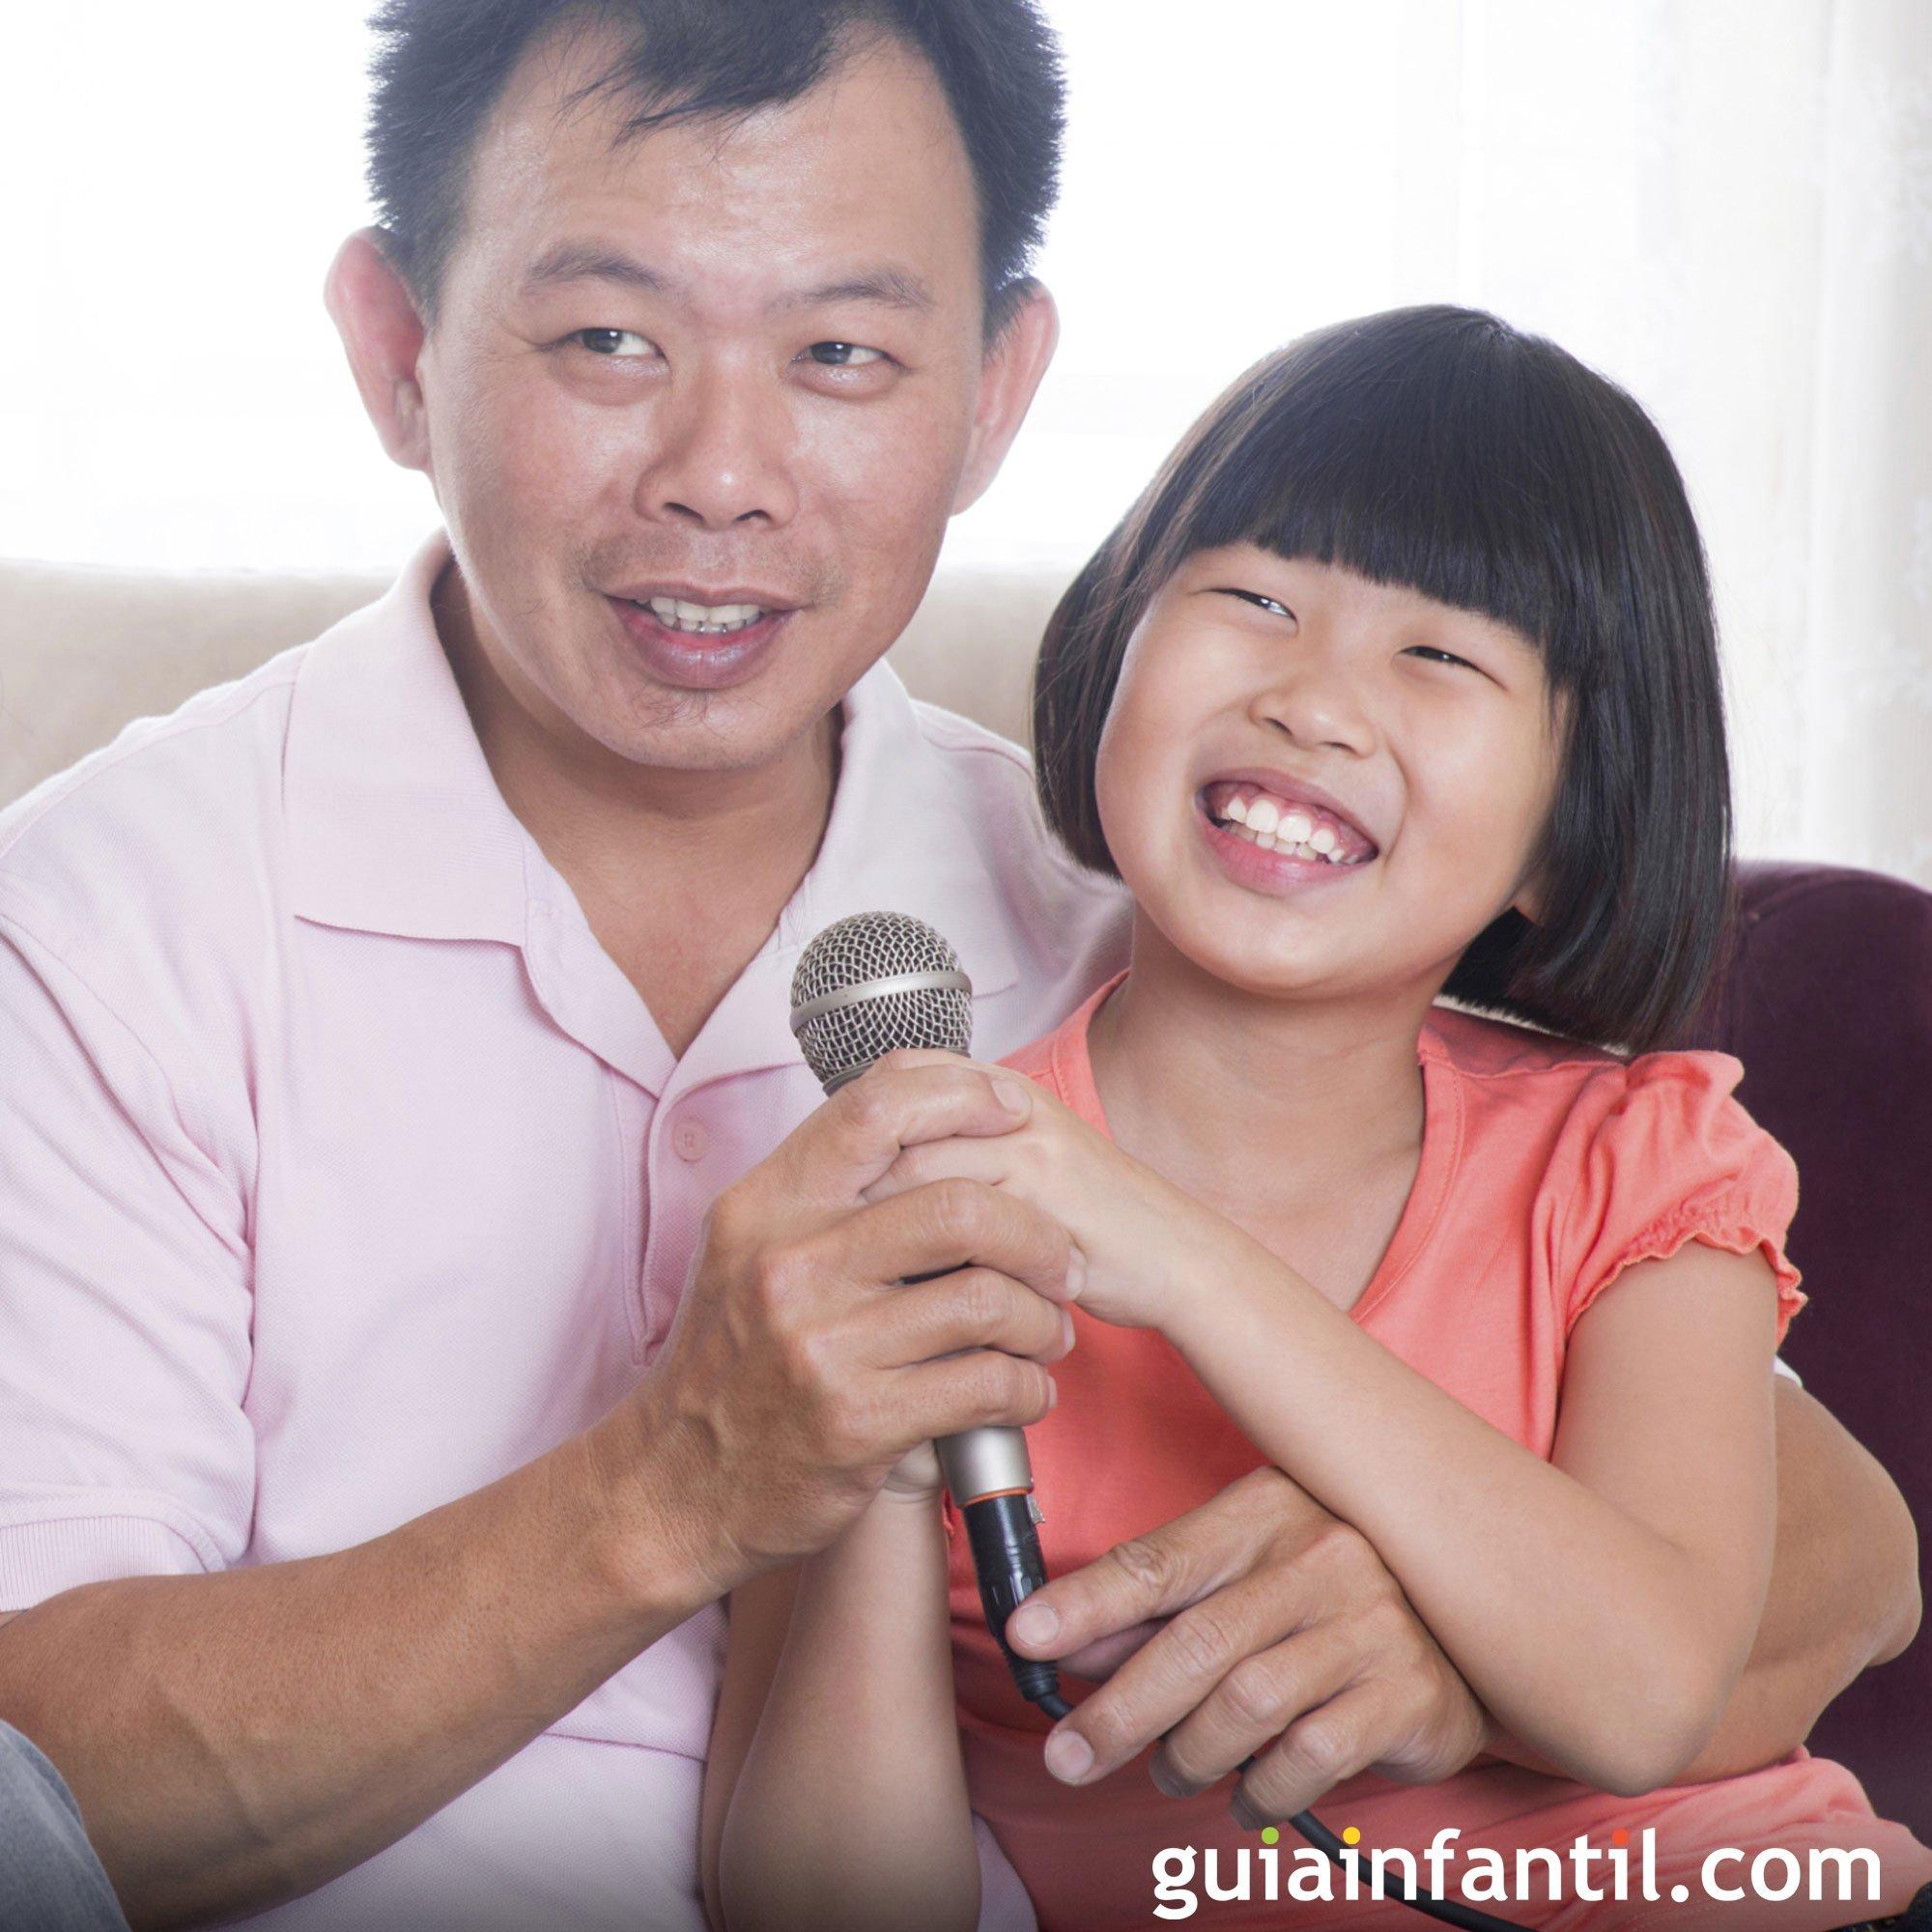 Jugar a cantar en el karaoke con papá